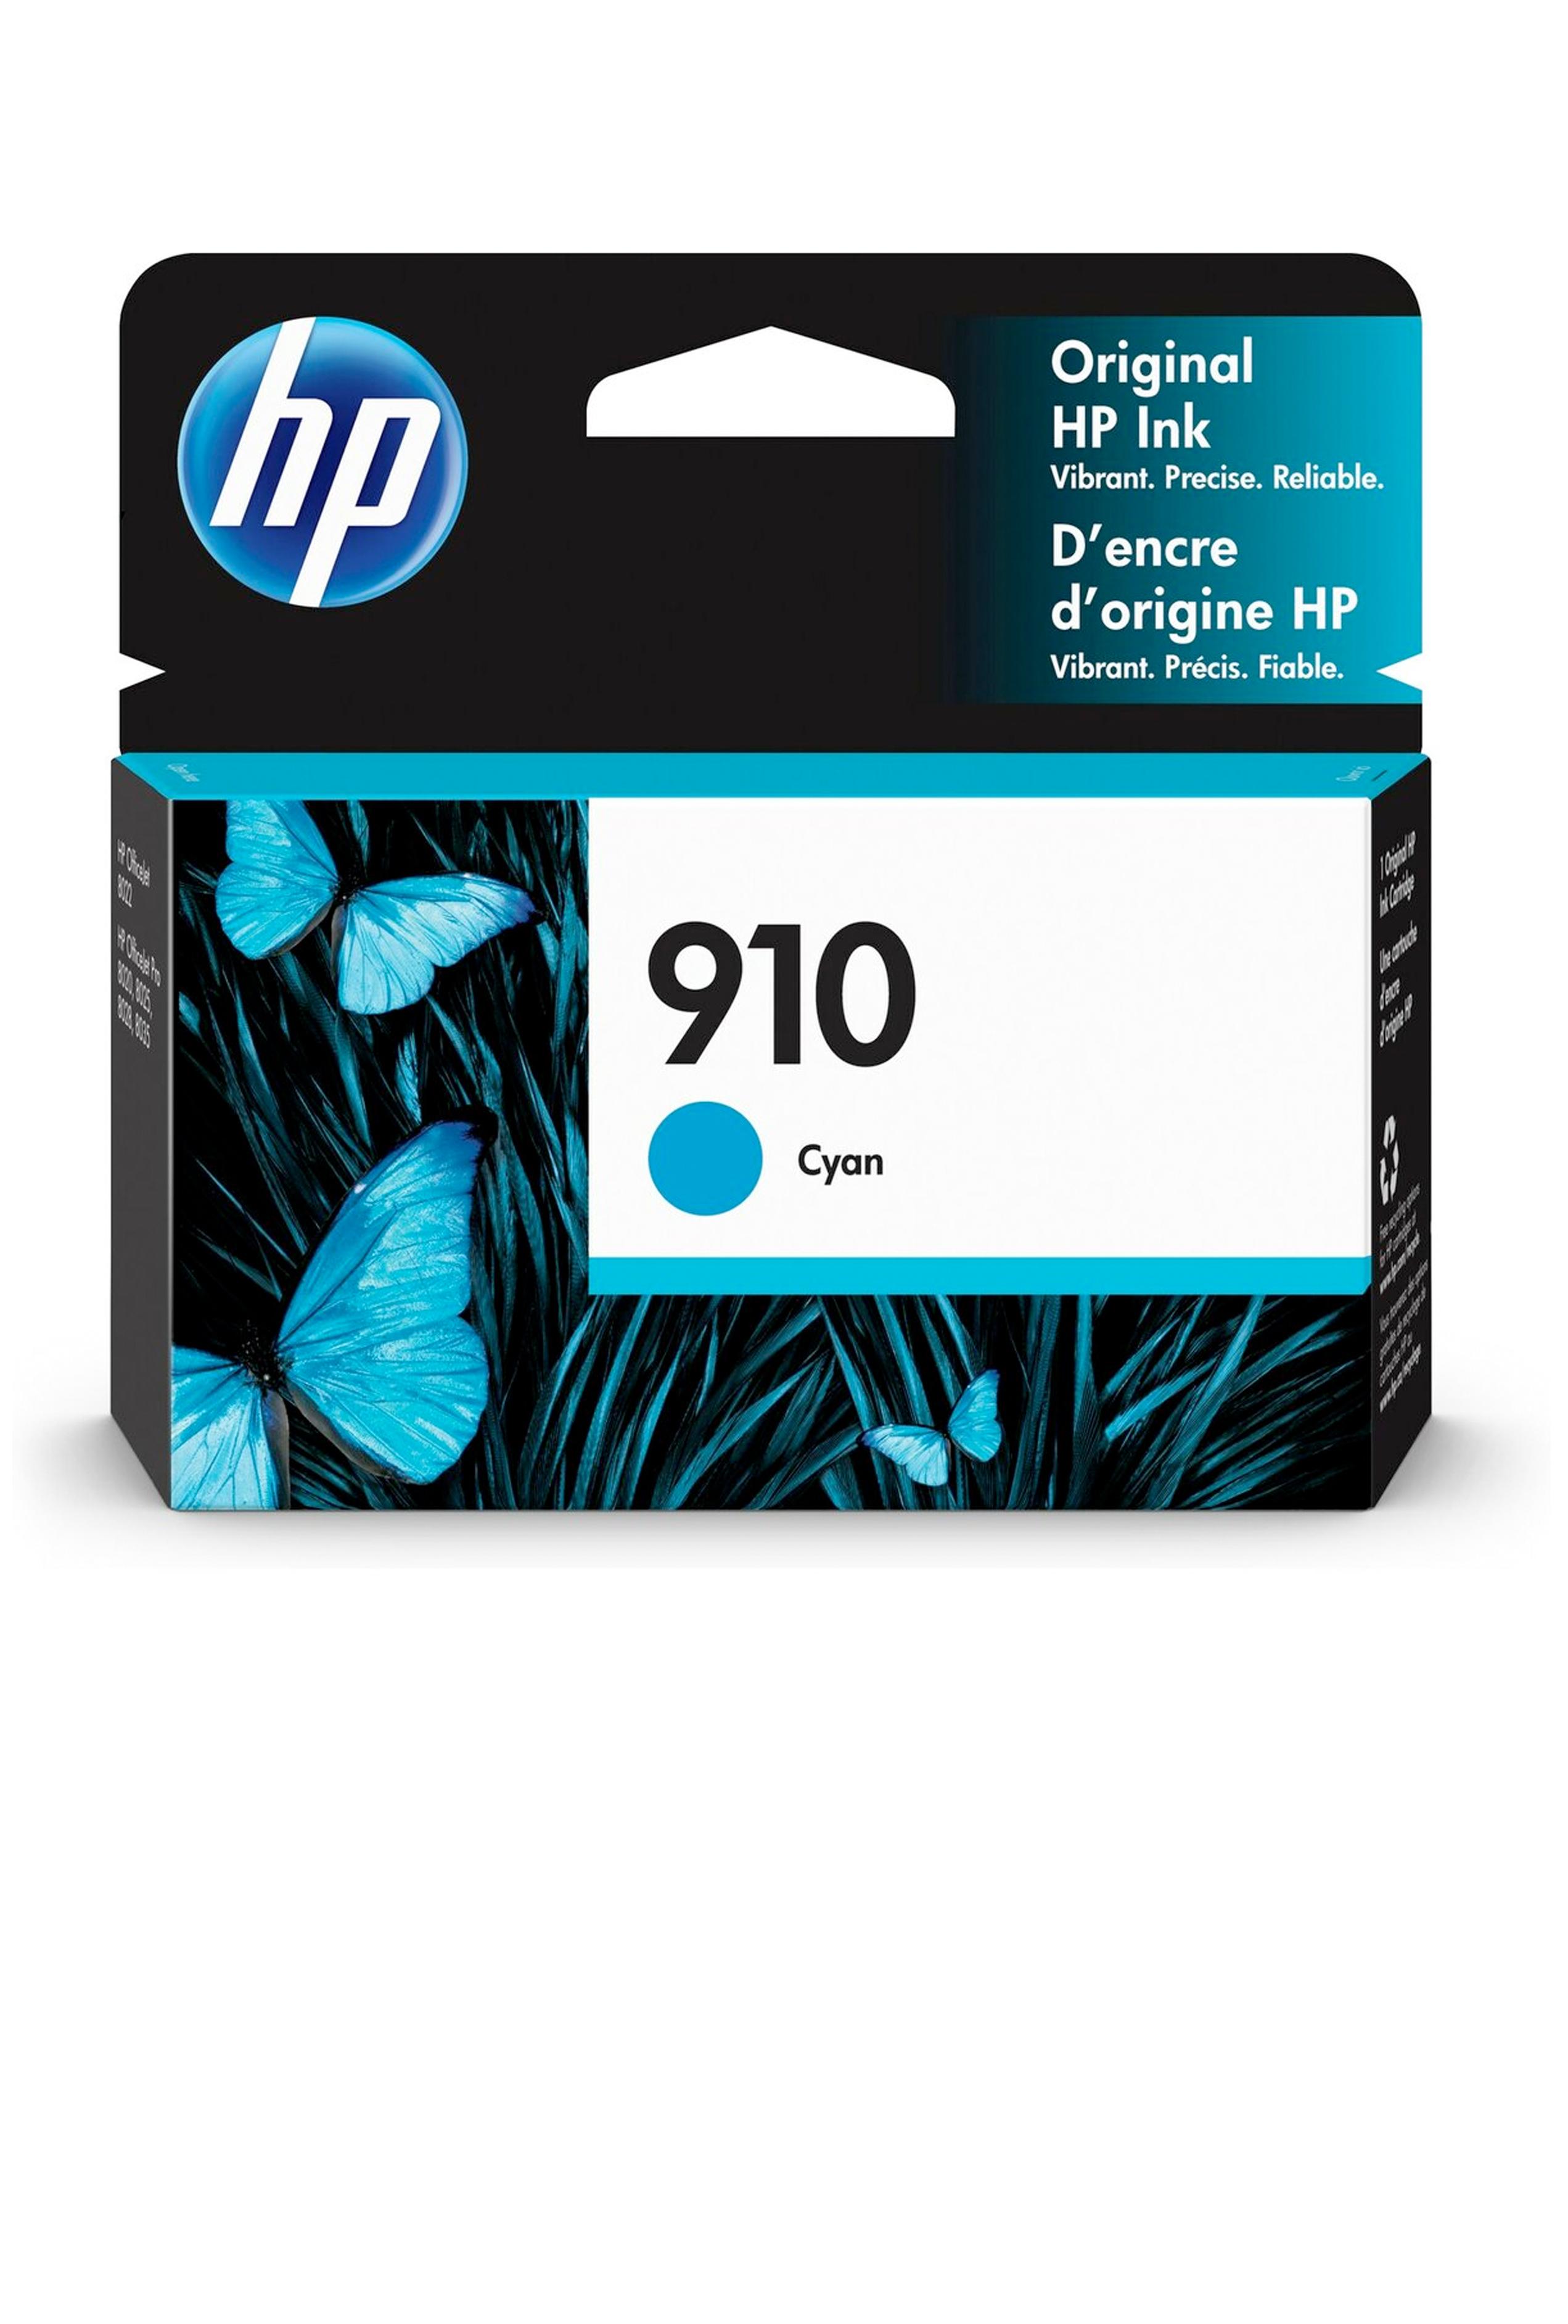 HP 910 CYAN ORIGINAL CARTRIDGE 315 YIELD (3YL58AN)